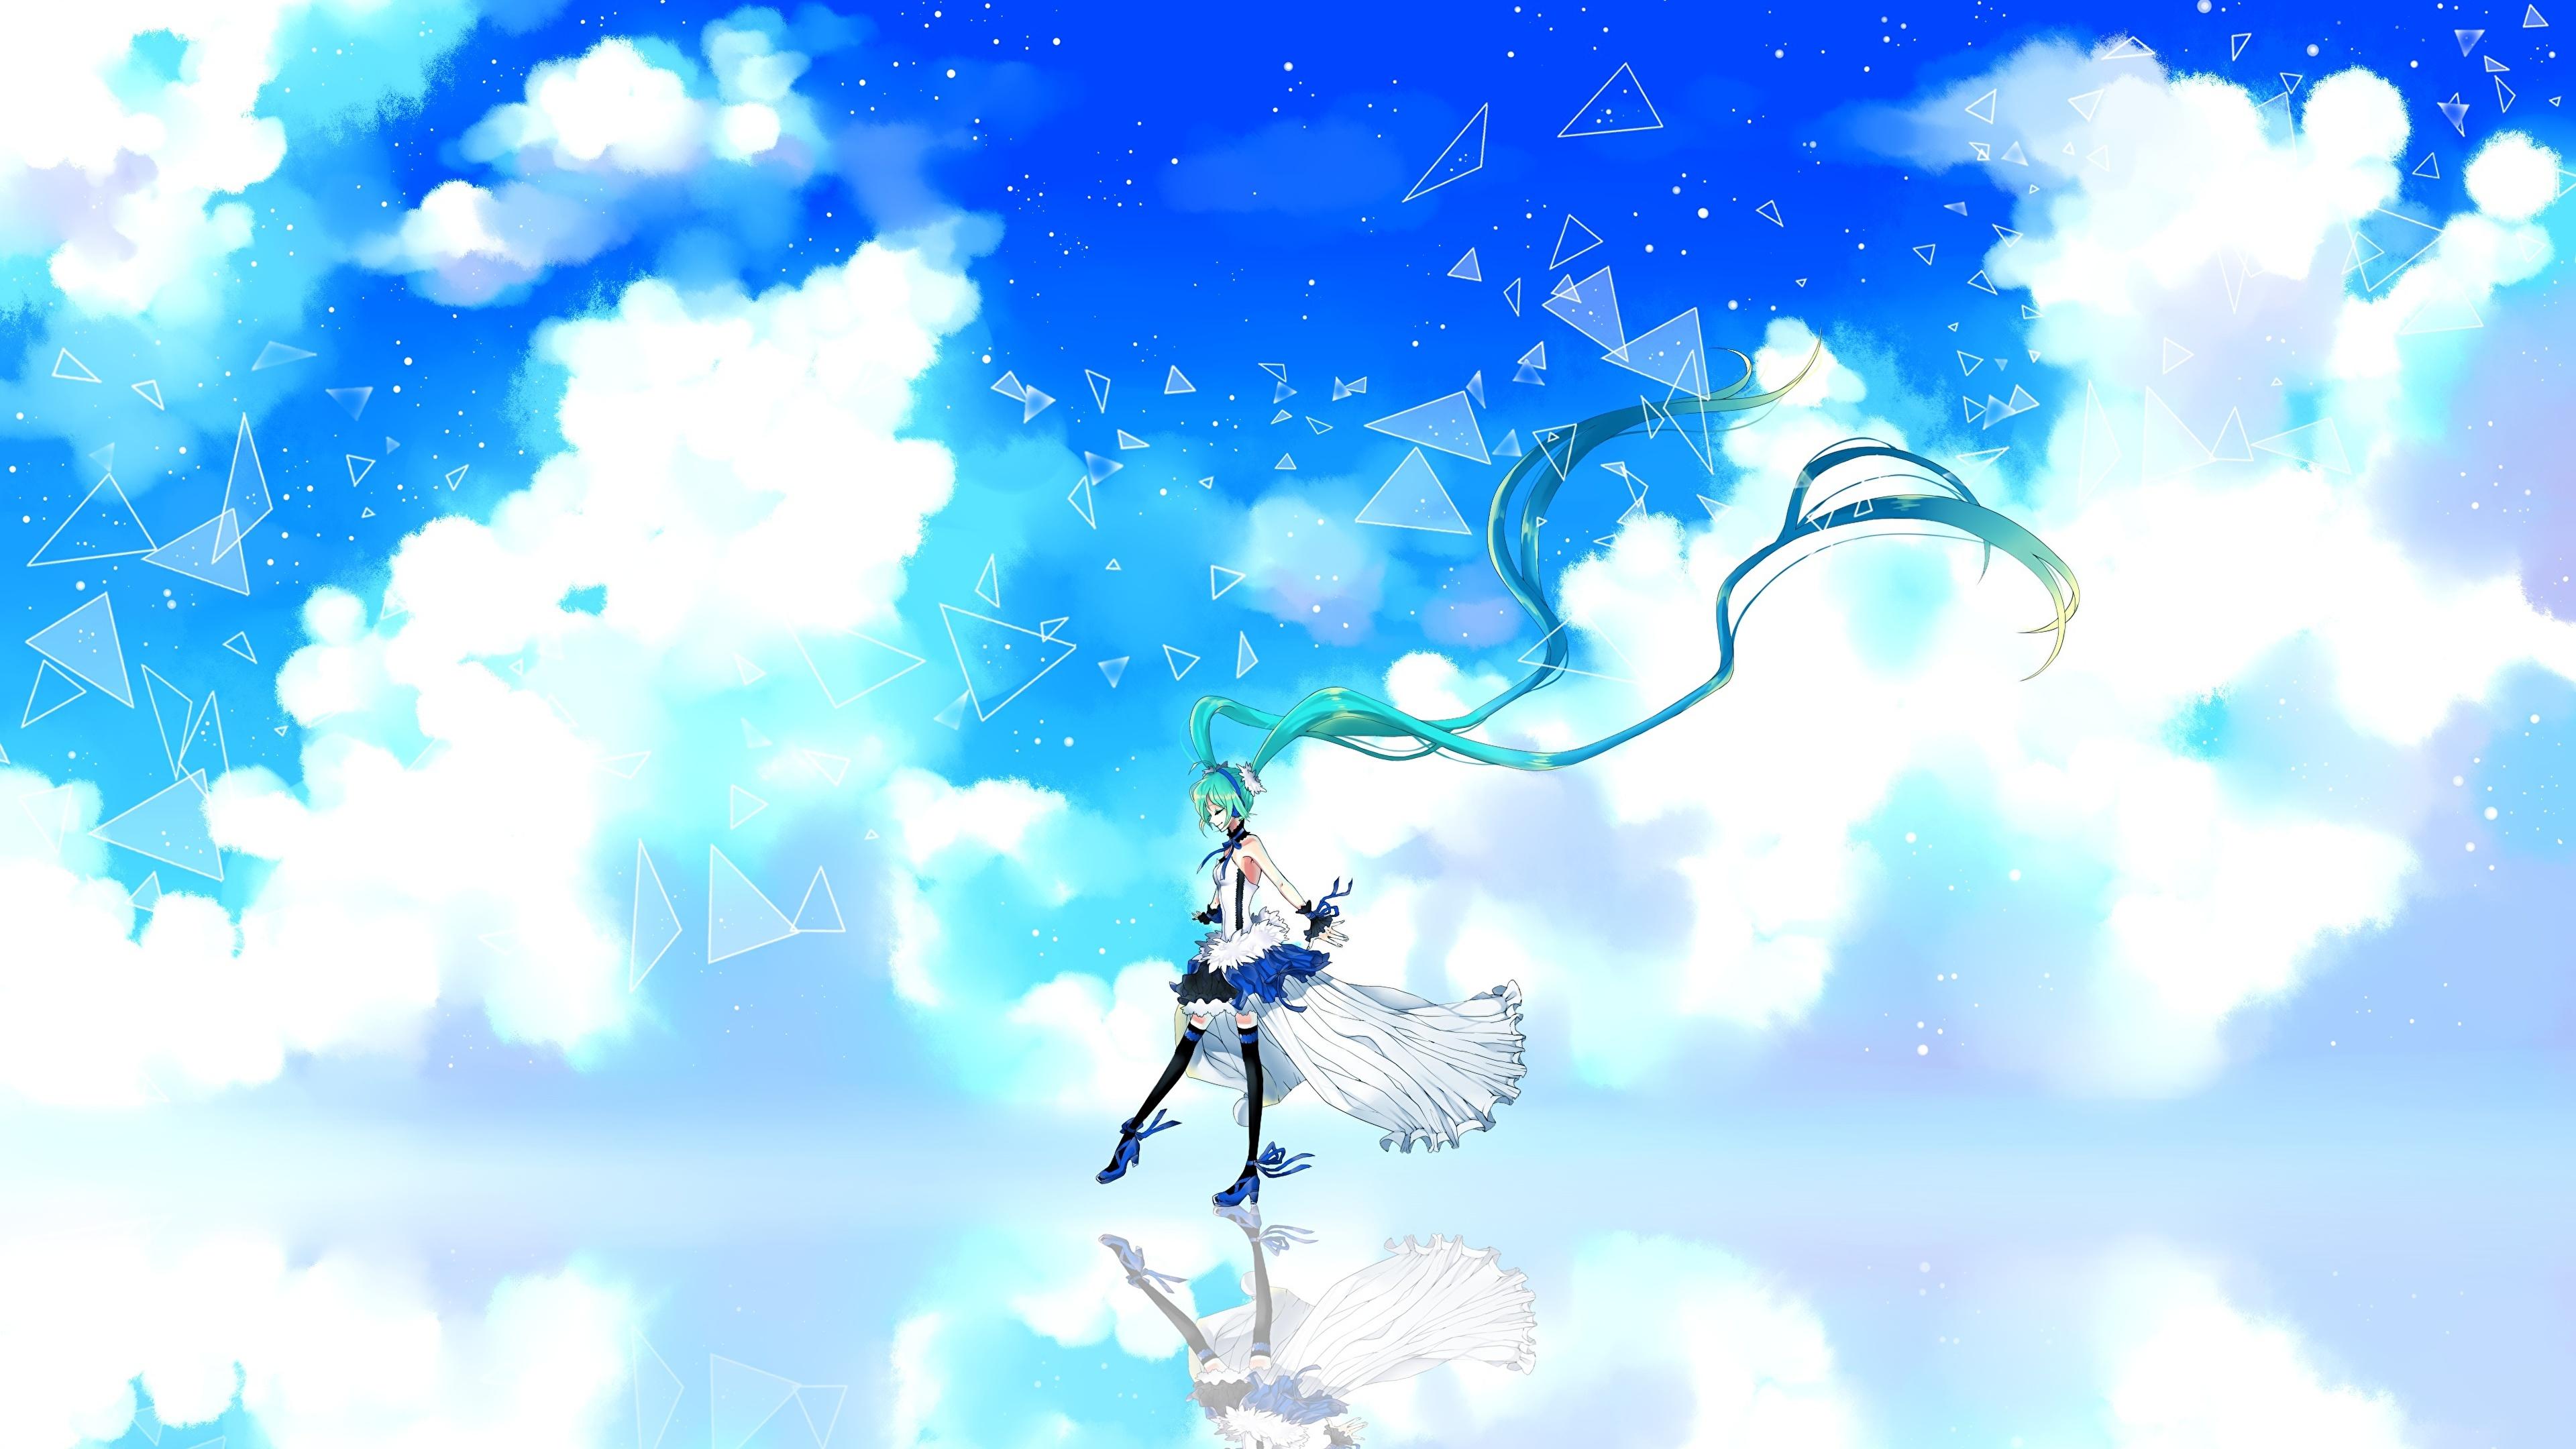 壁紙 3840x2160 ボーカロイド 初音ミク Cu Riyan 7th Dragon 雲